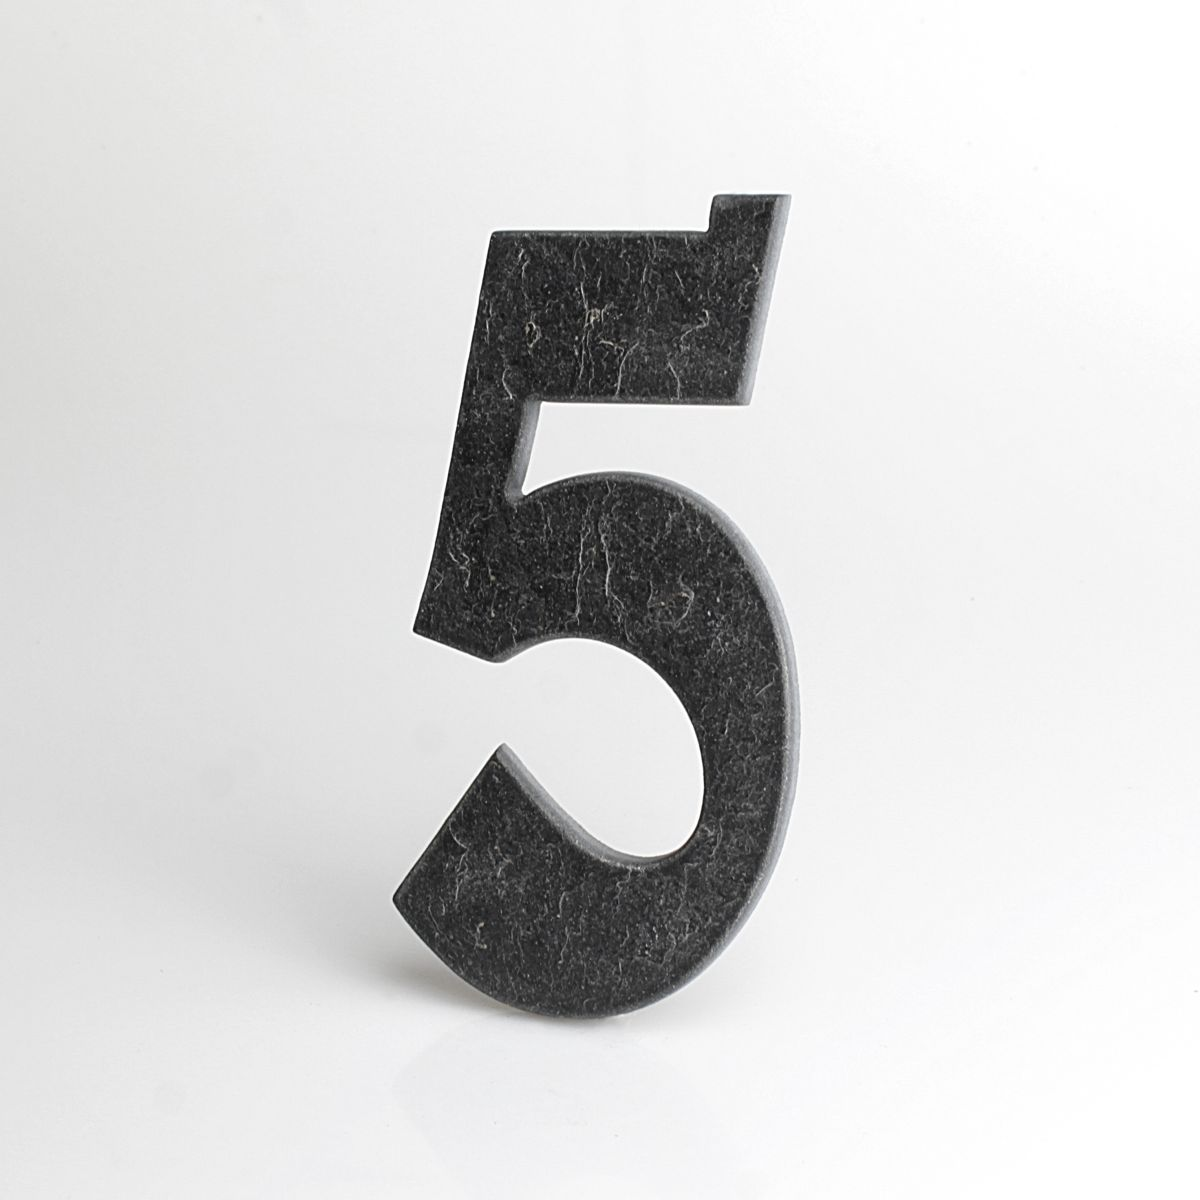 Domovní číslo popisné Břidlice BELWE - č. 5